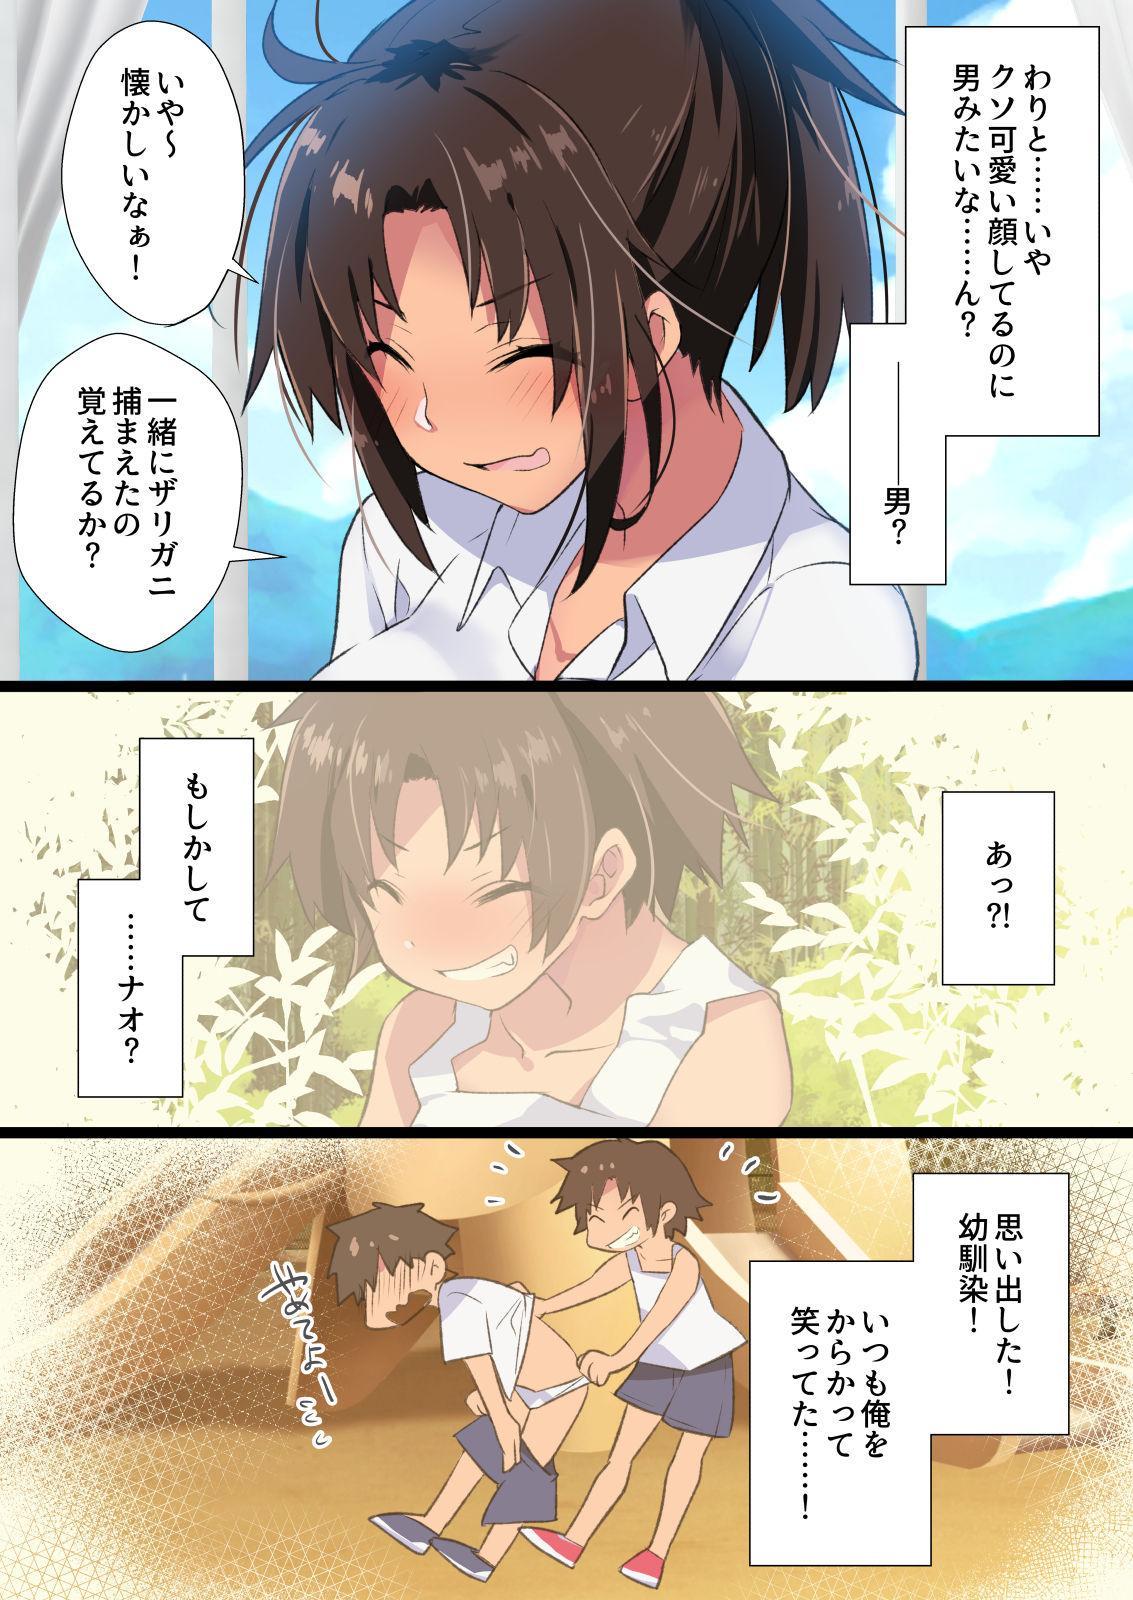 Inaka Osananajimi wa Hatsujouchuu! 3